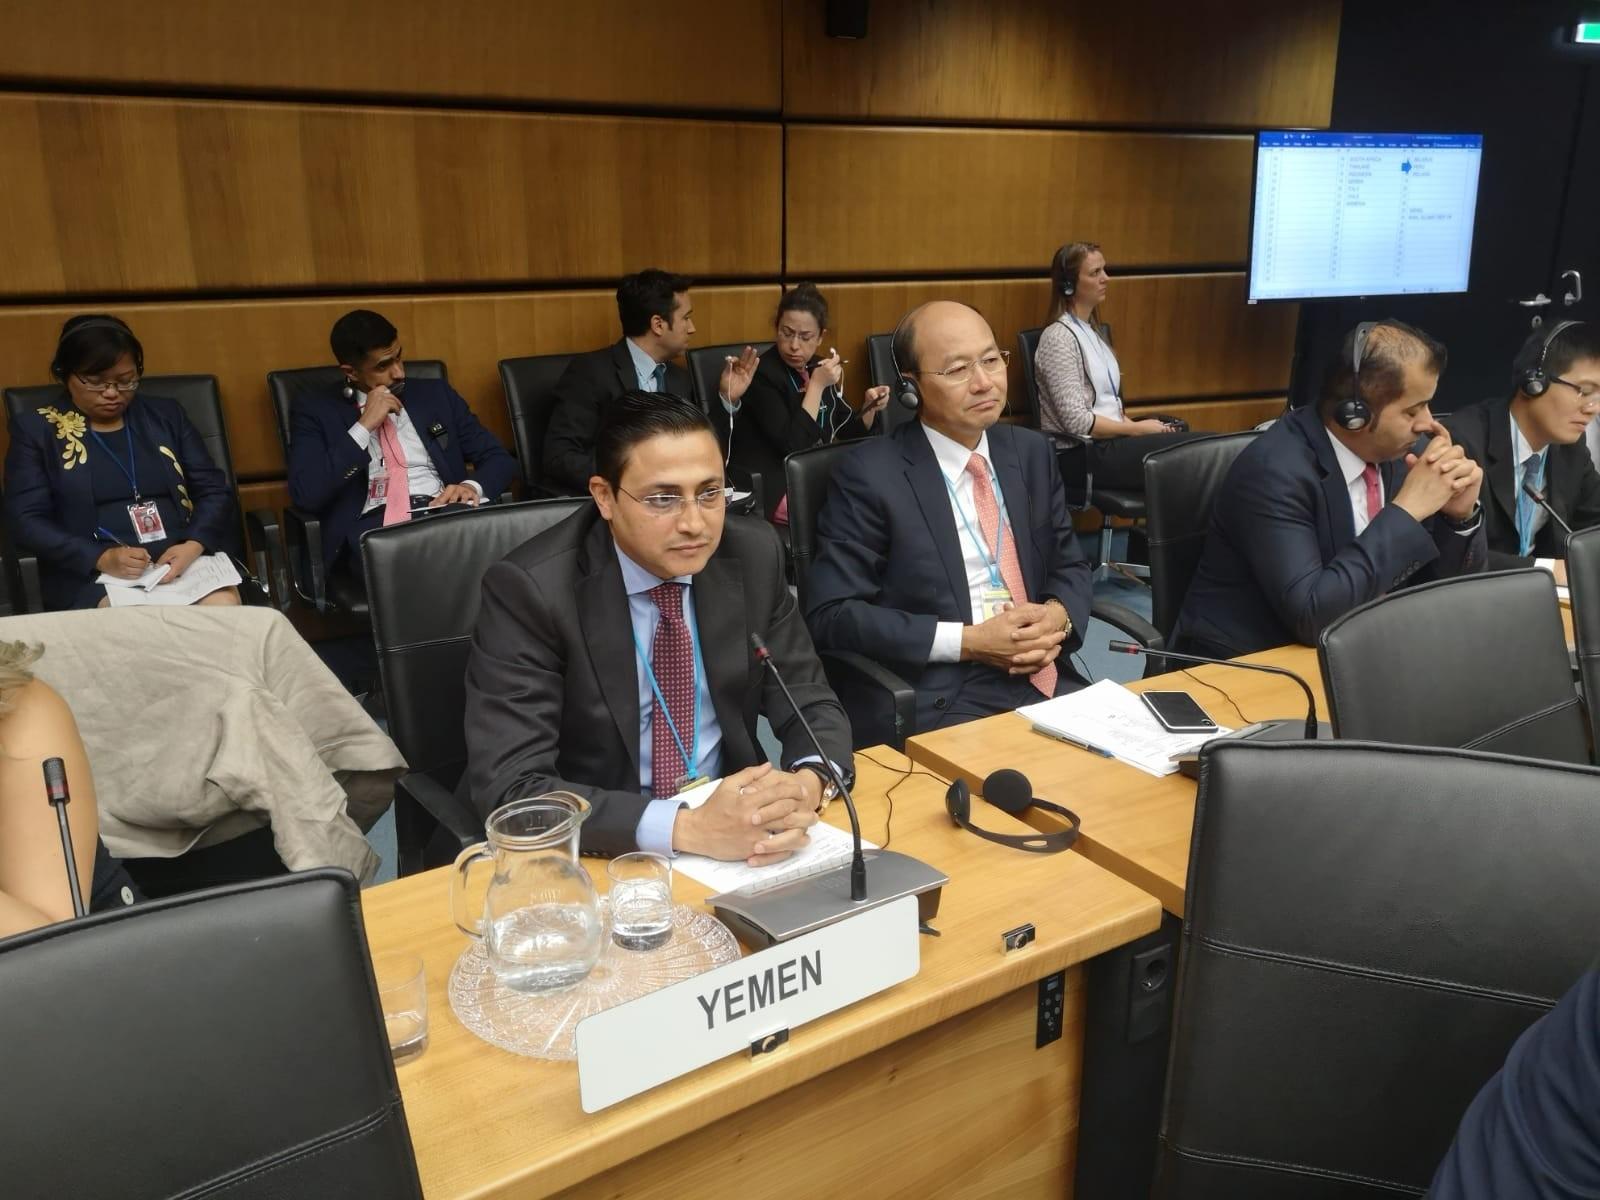 بلادنا تؤكد دعمها الكامل لجهود الوكالة الدولية للطاقة الذرية بمجال التحقق والرصد في ايران